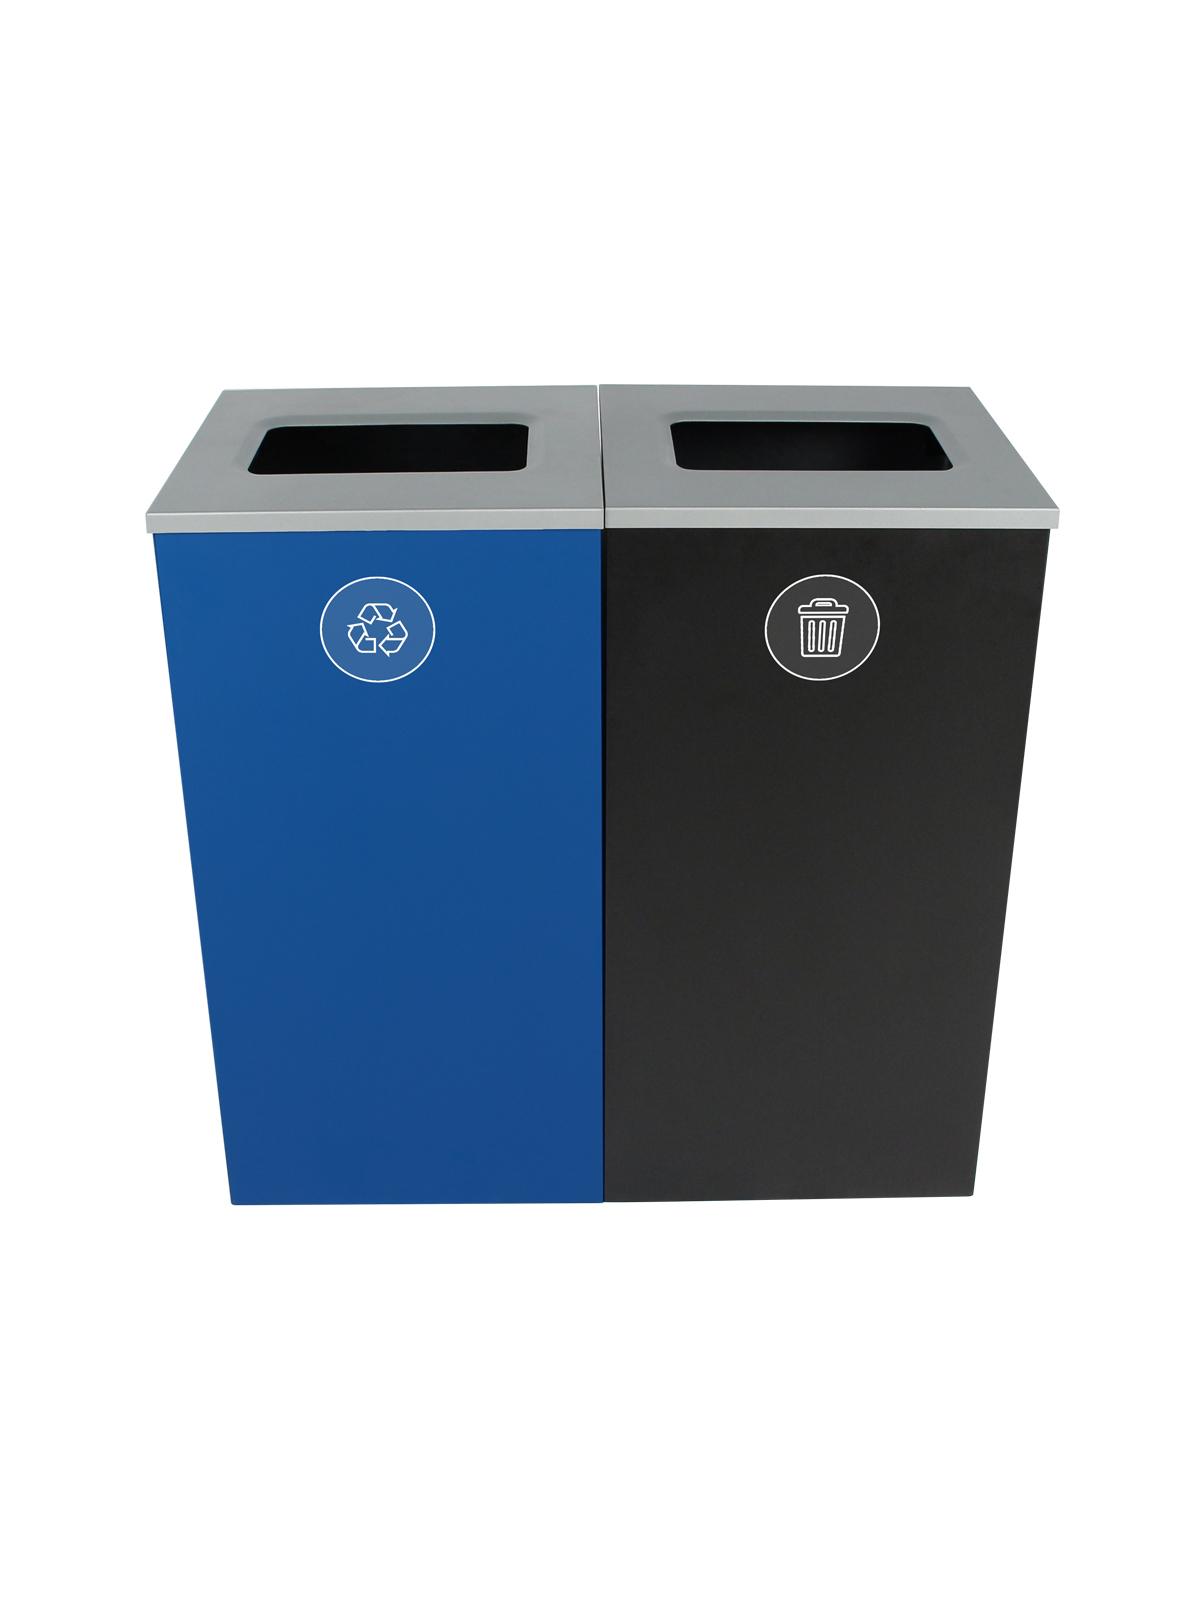 SPECTRUM - Double - Mobius Loop-Waste - Full - Blue-Black